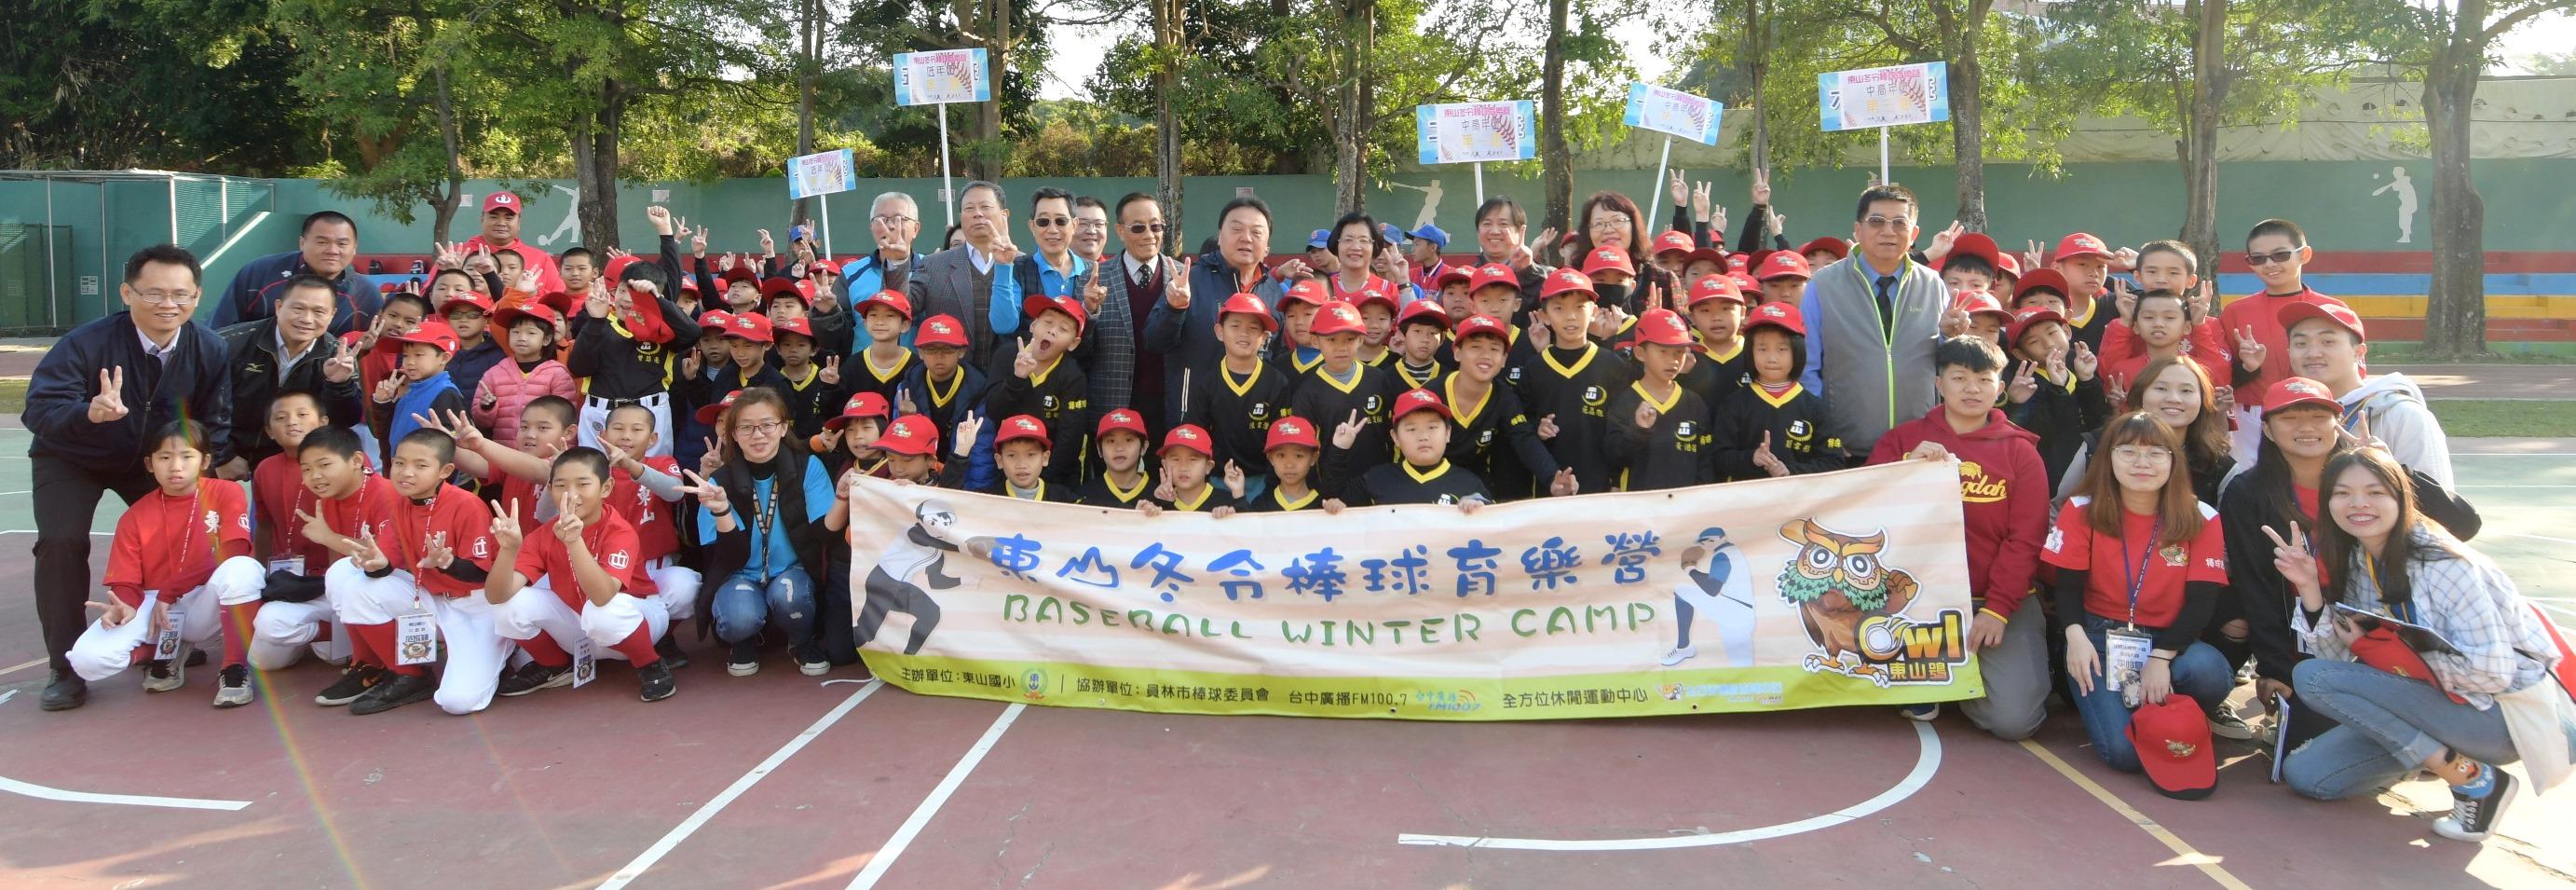 彰化縣員林市東山國民小學 2020科技棒球冬令營開訓典禮